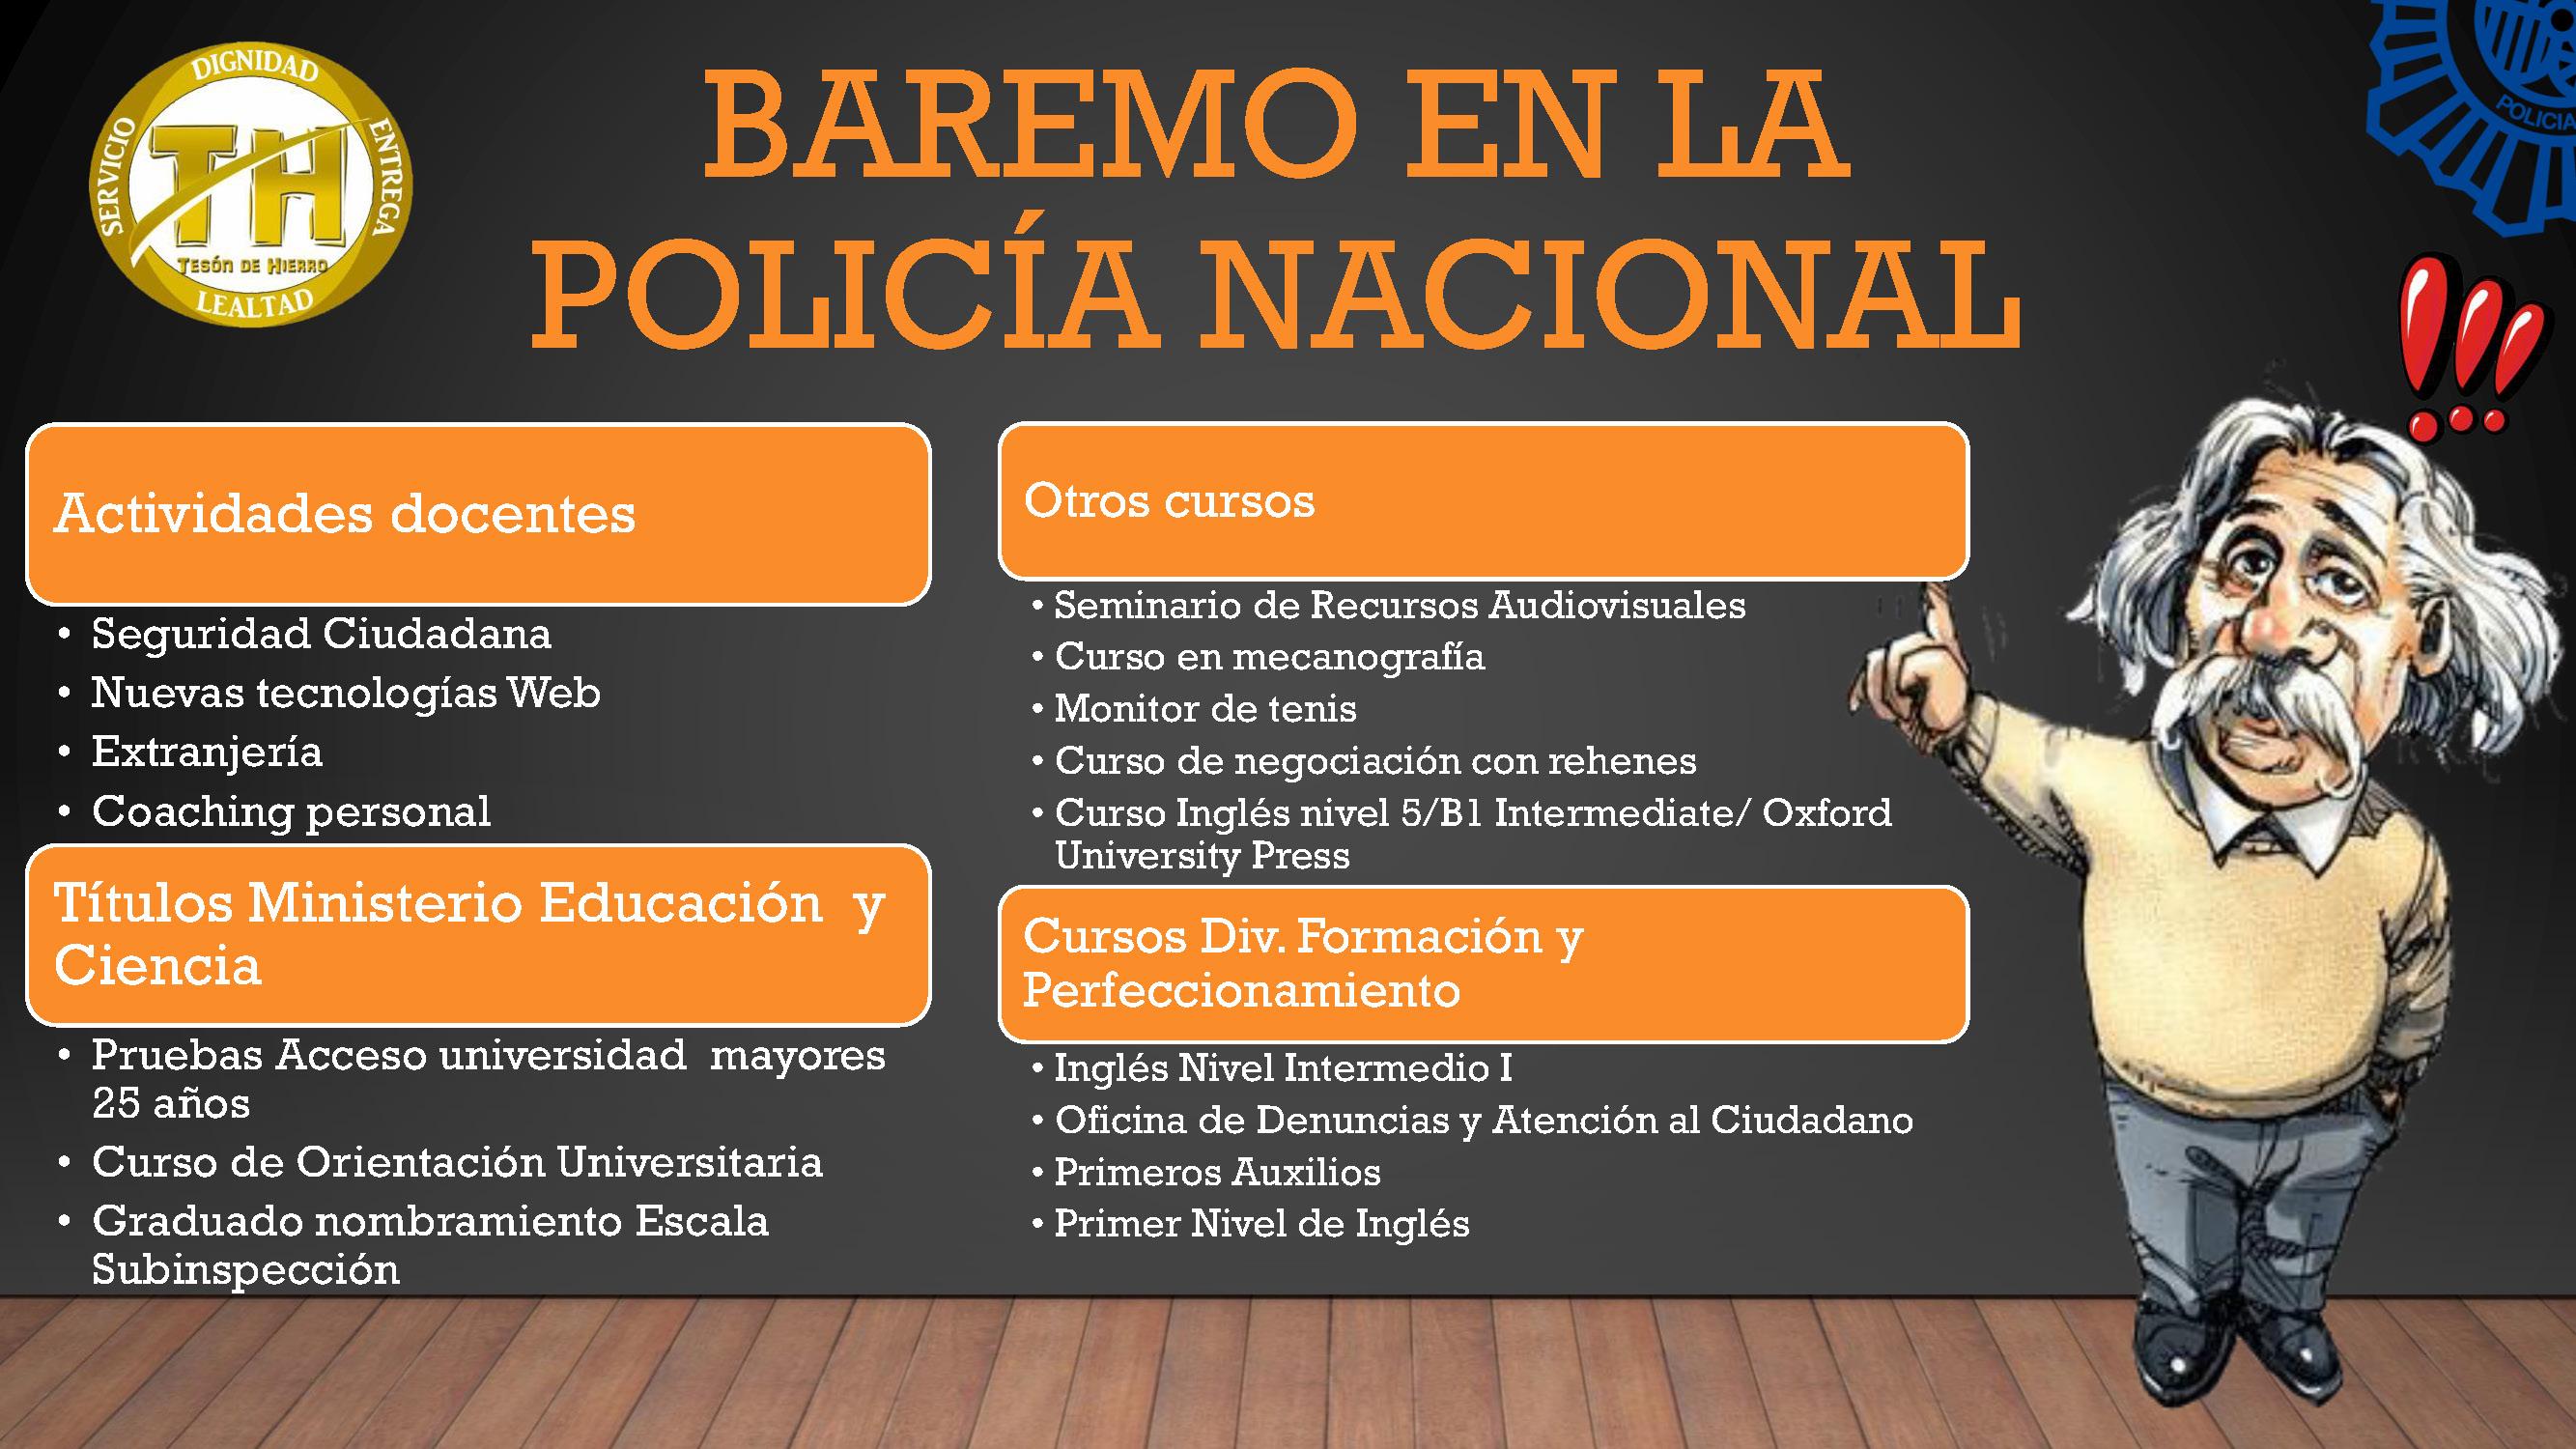 El Baremo En La Policía Nacional Promoción Interna De